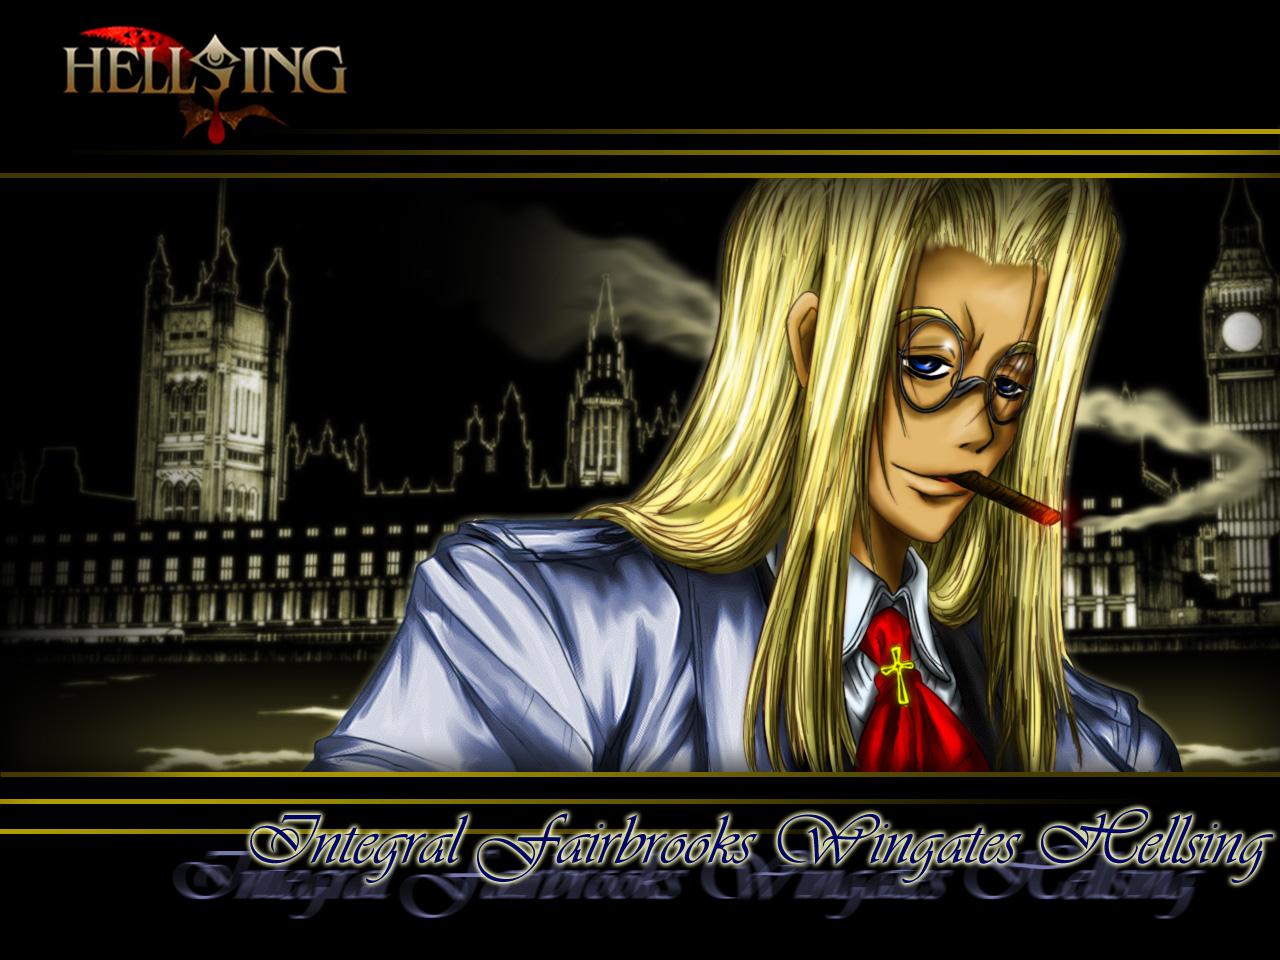 hellsing integra_wingates_hellsing